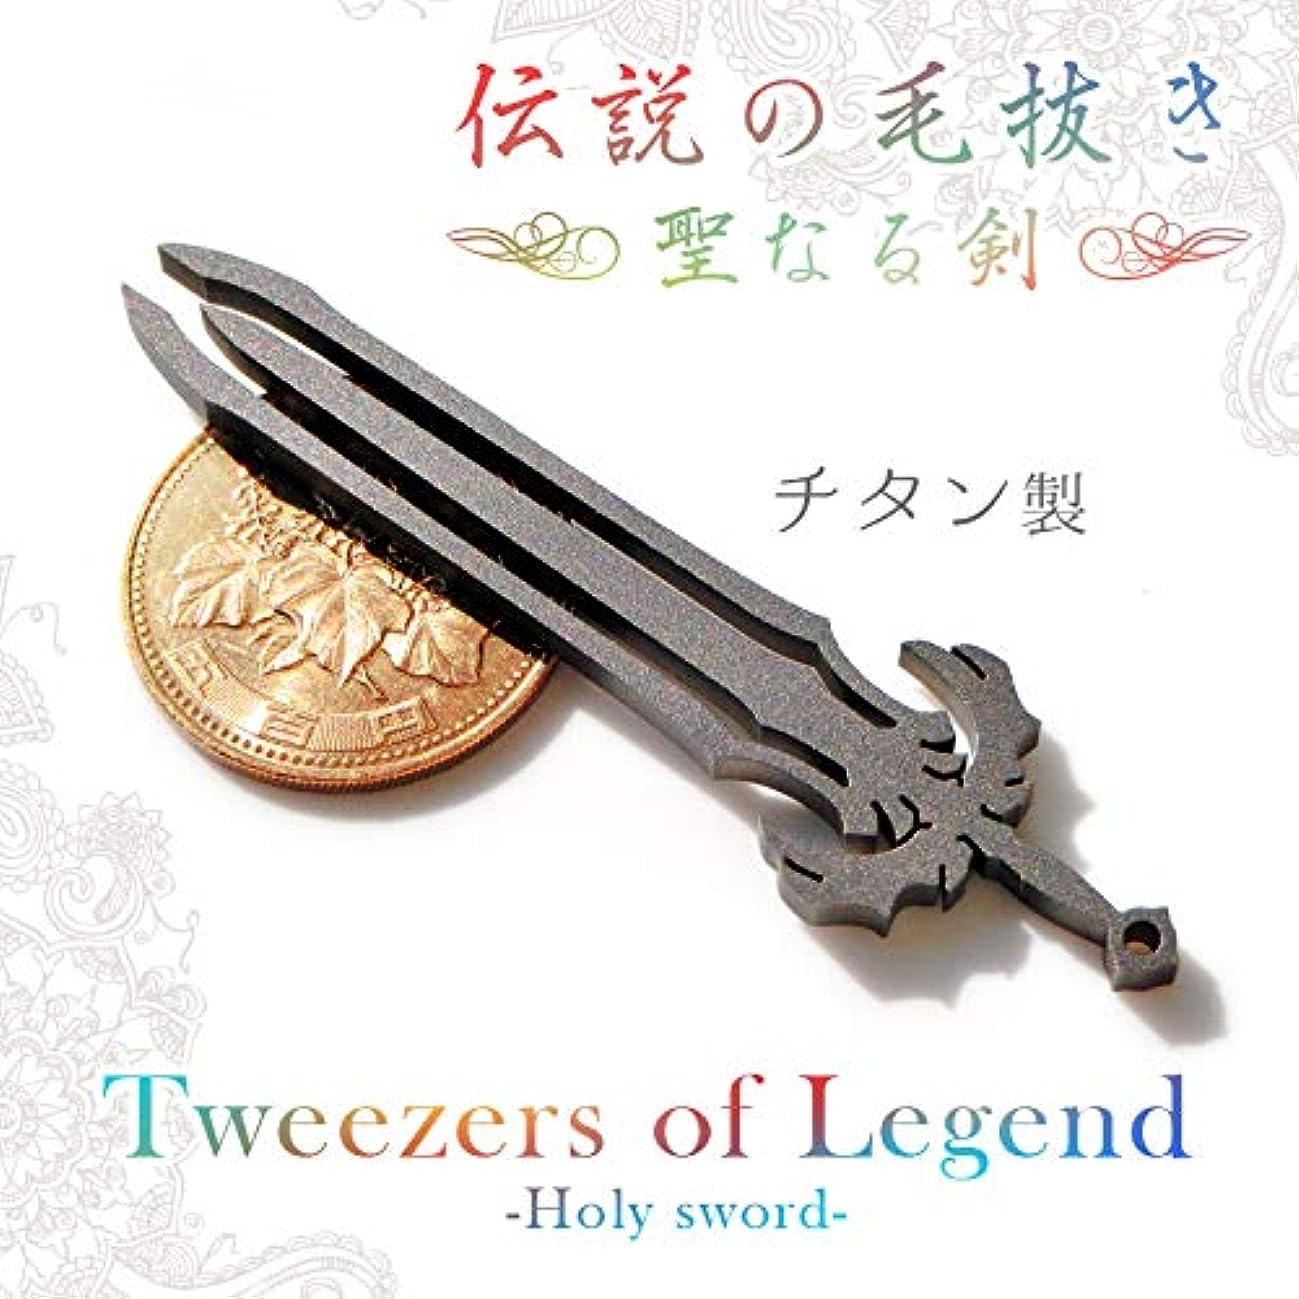 無狂うドラフト伝説の毛抜き-聖なる剣-【超精密加工仕上げ】